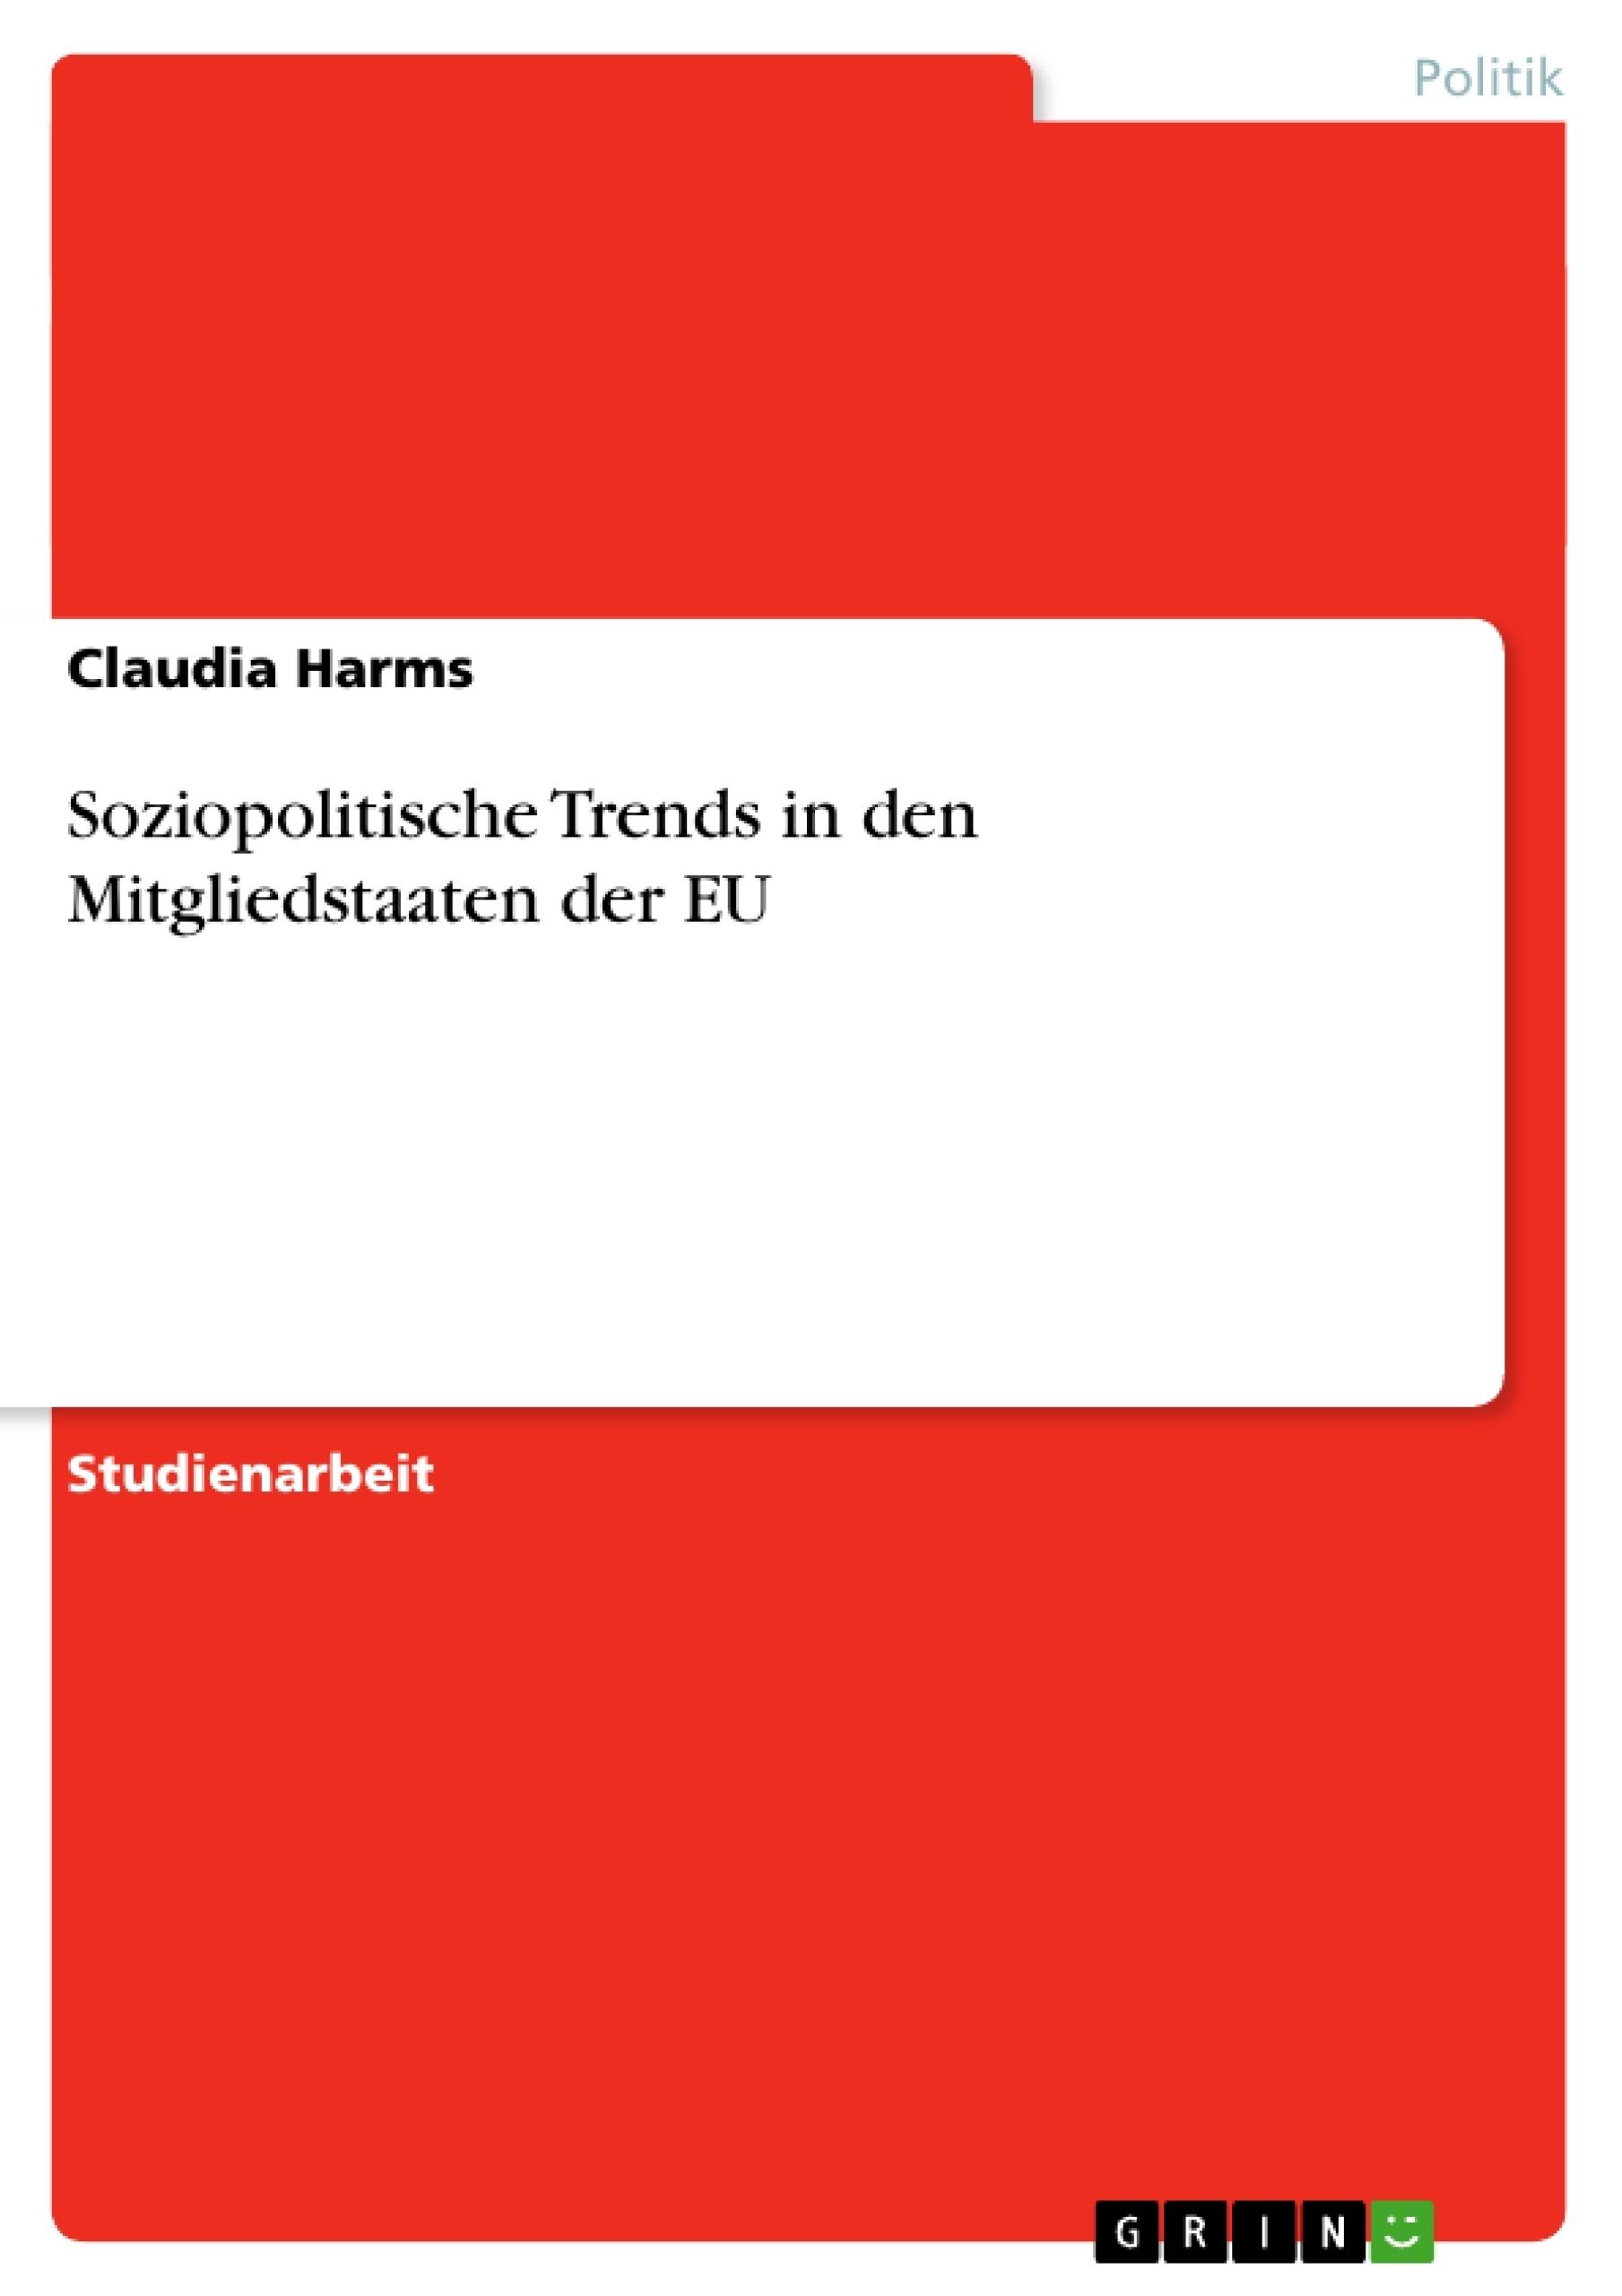 Titel: Soziopolitische Trends in den Mitgliedstaaten der EU